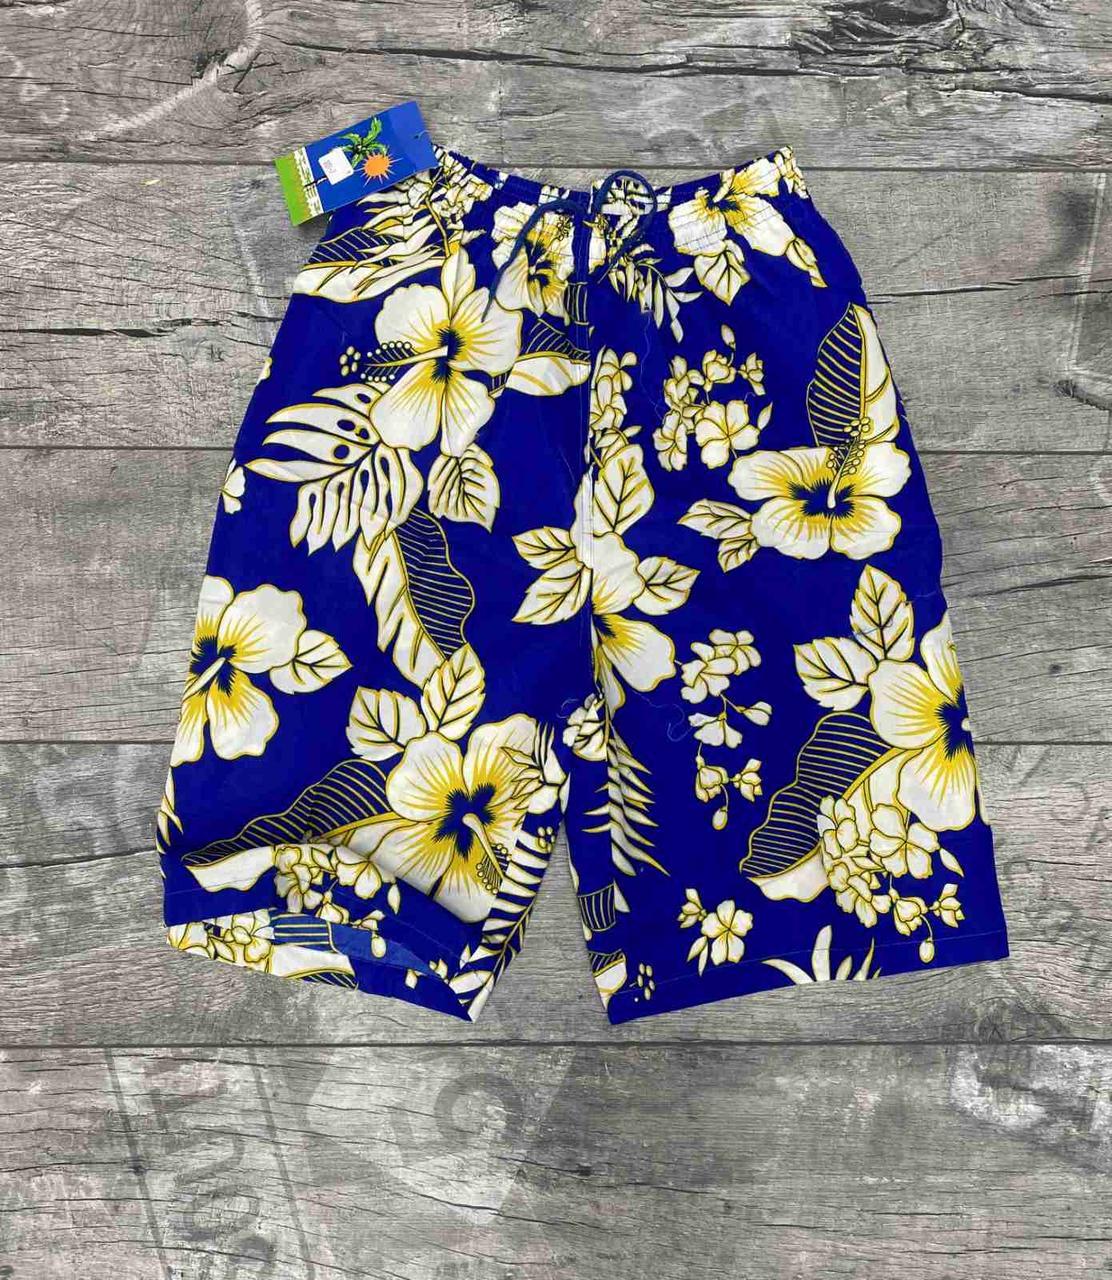 Мужские пляжные шорты.  Размеры XL/2XL/3XL